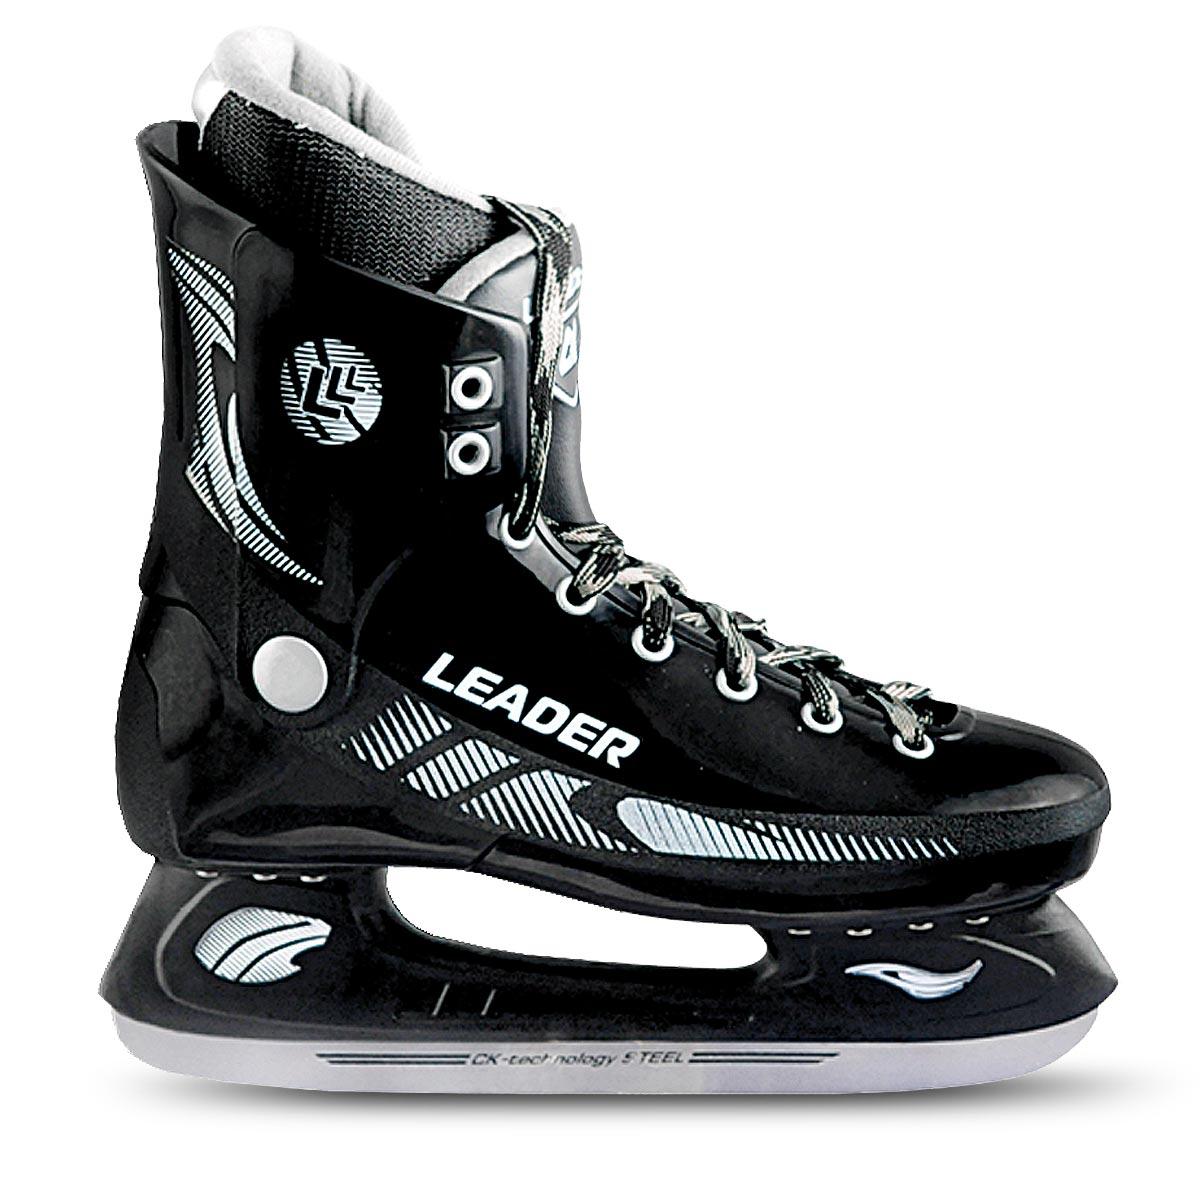 Коньки хоккейные мужские CK Leader, цвет: черный. Размер 46